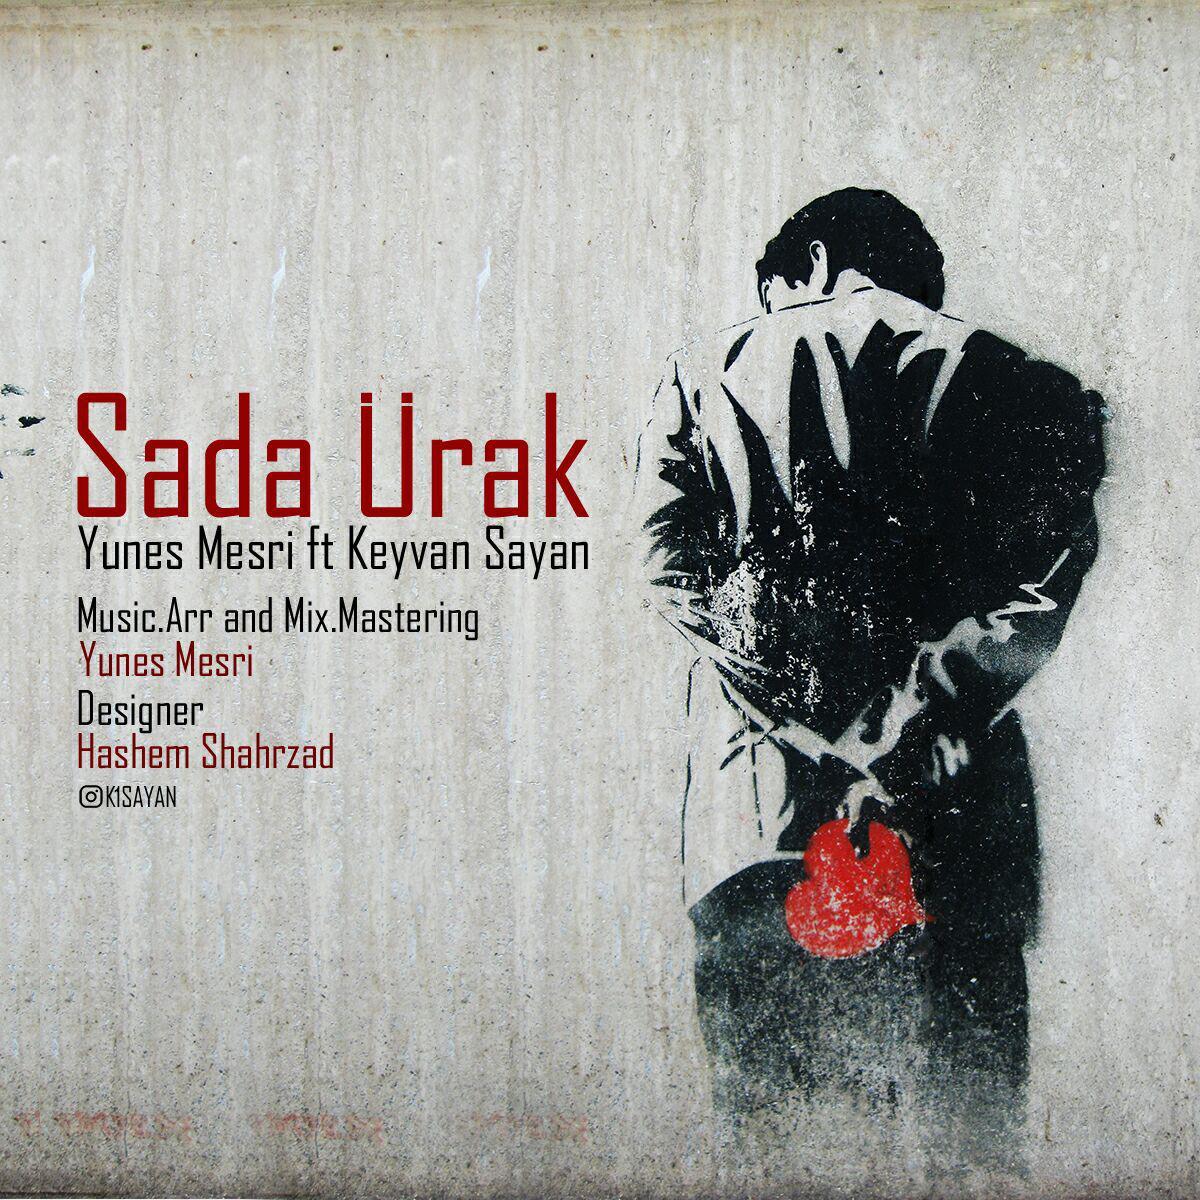 دانلود آهنگ جدید کیوان سایان و یونس مصری به نام ساده اورک